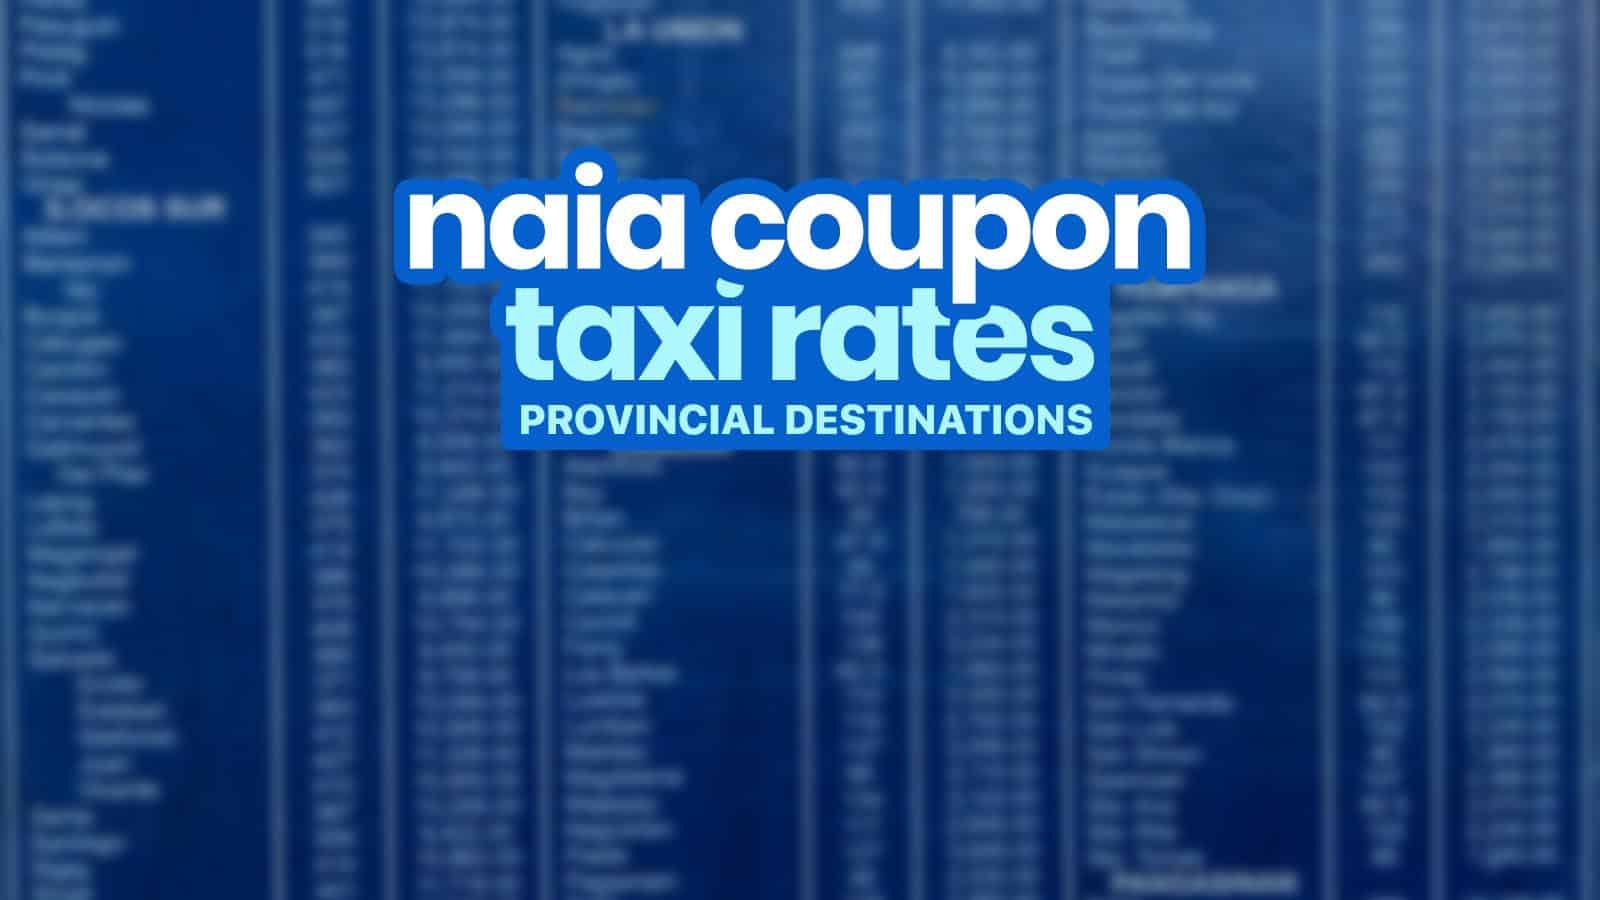 优惠券出租车价格。北美洲国际机场航站楼到省内目的地 | 穷游者的行程安排博客